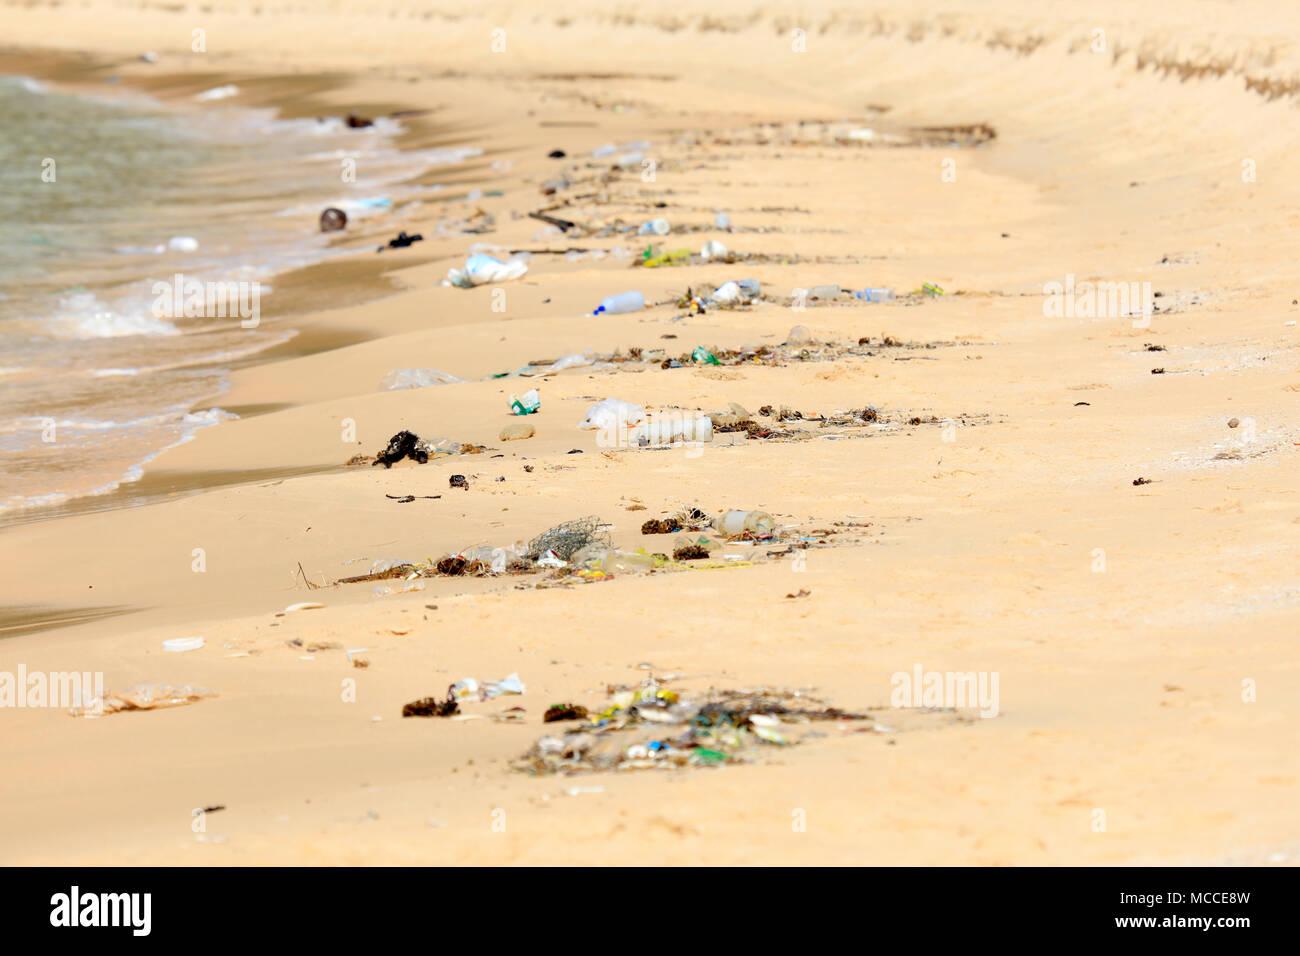 Inquinamento di materia plastica su una spiaggia turistica in Cambogia Immagini Stock